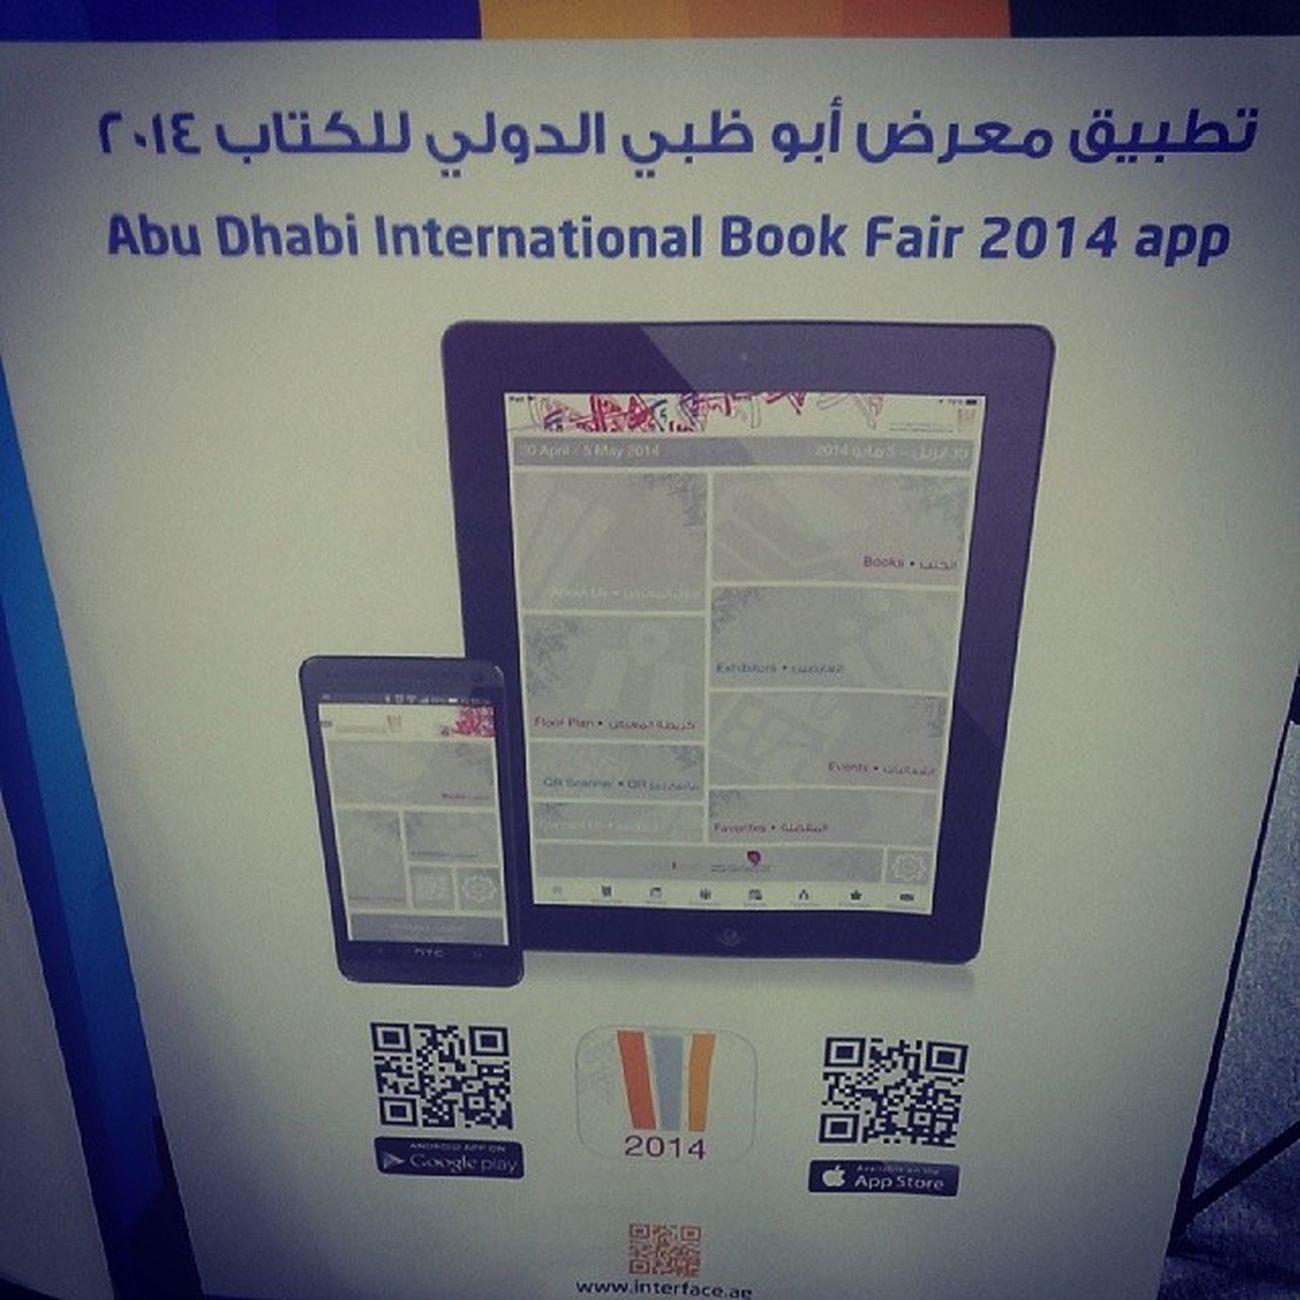 تطبيق معرض_أبوظبي_للكتاب ADIBF2014 mobil app